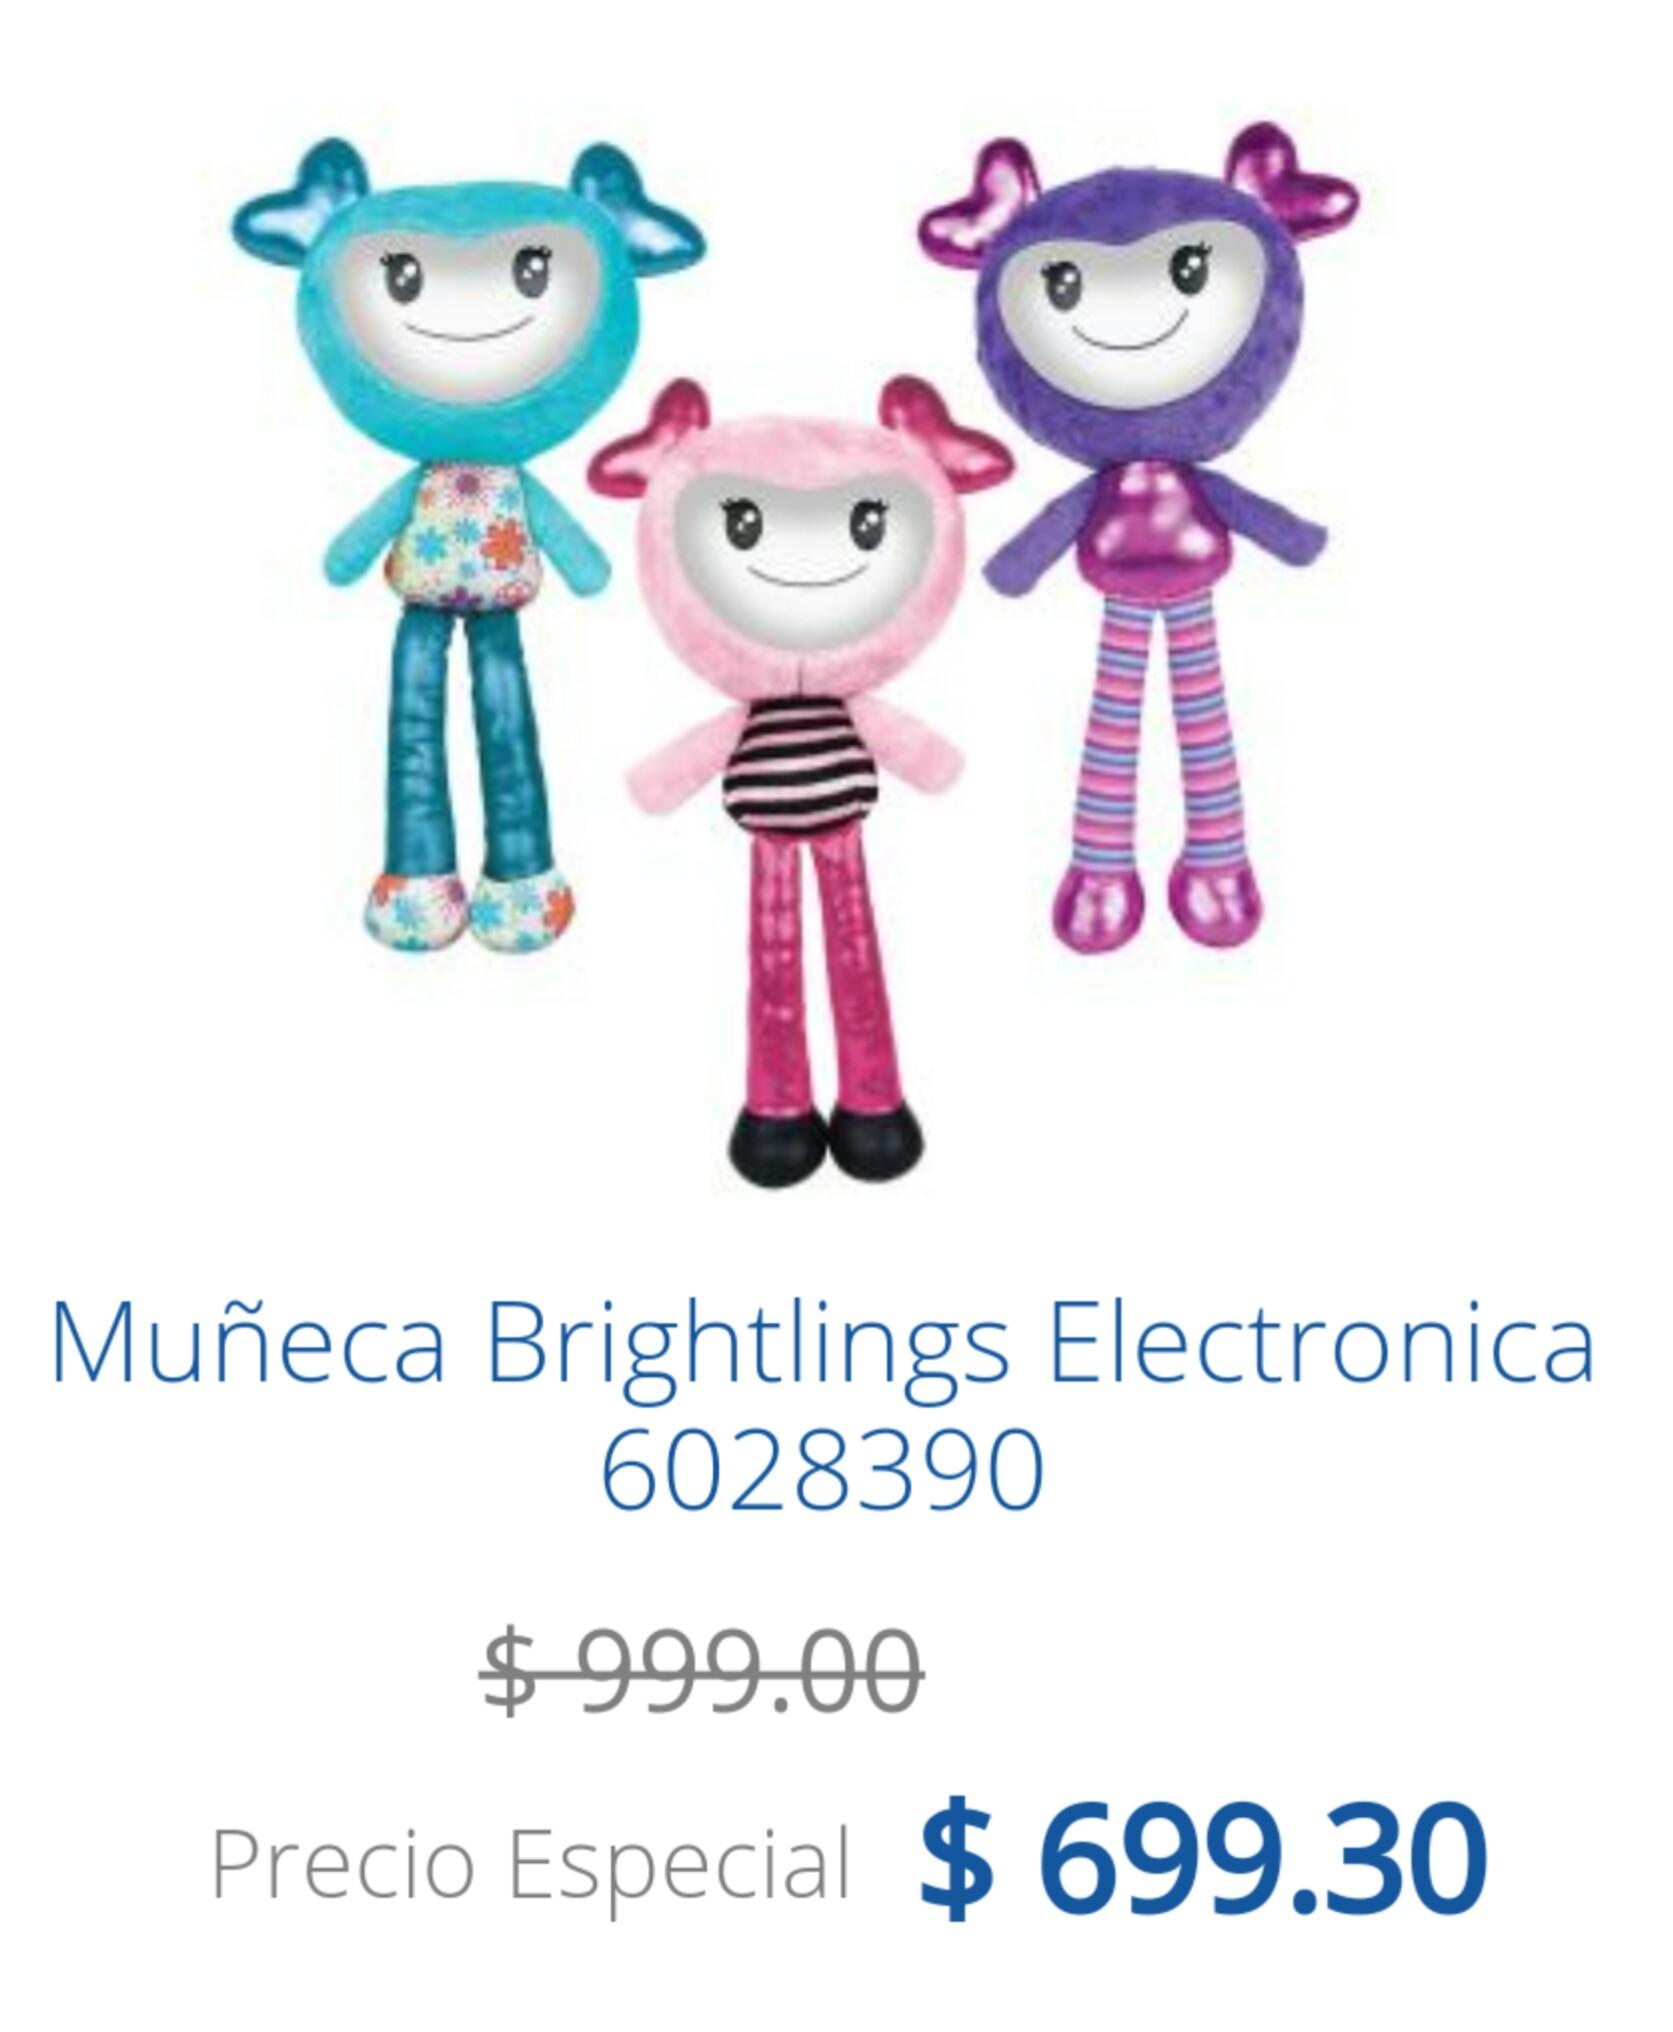 Chedrahui Ánfora: muñeca Brightlings, de $1,000 a $700